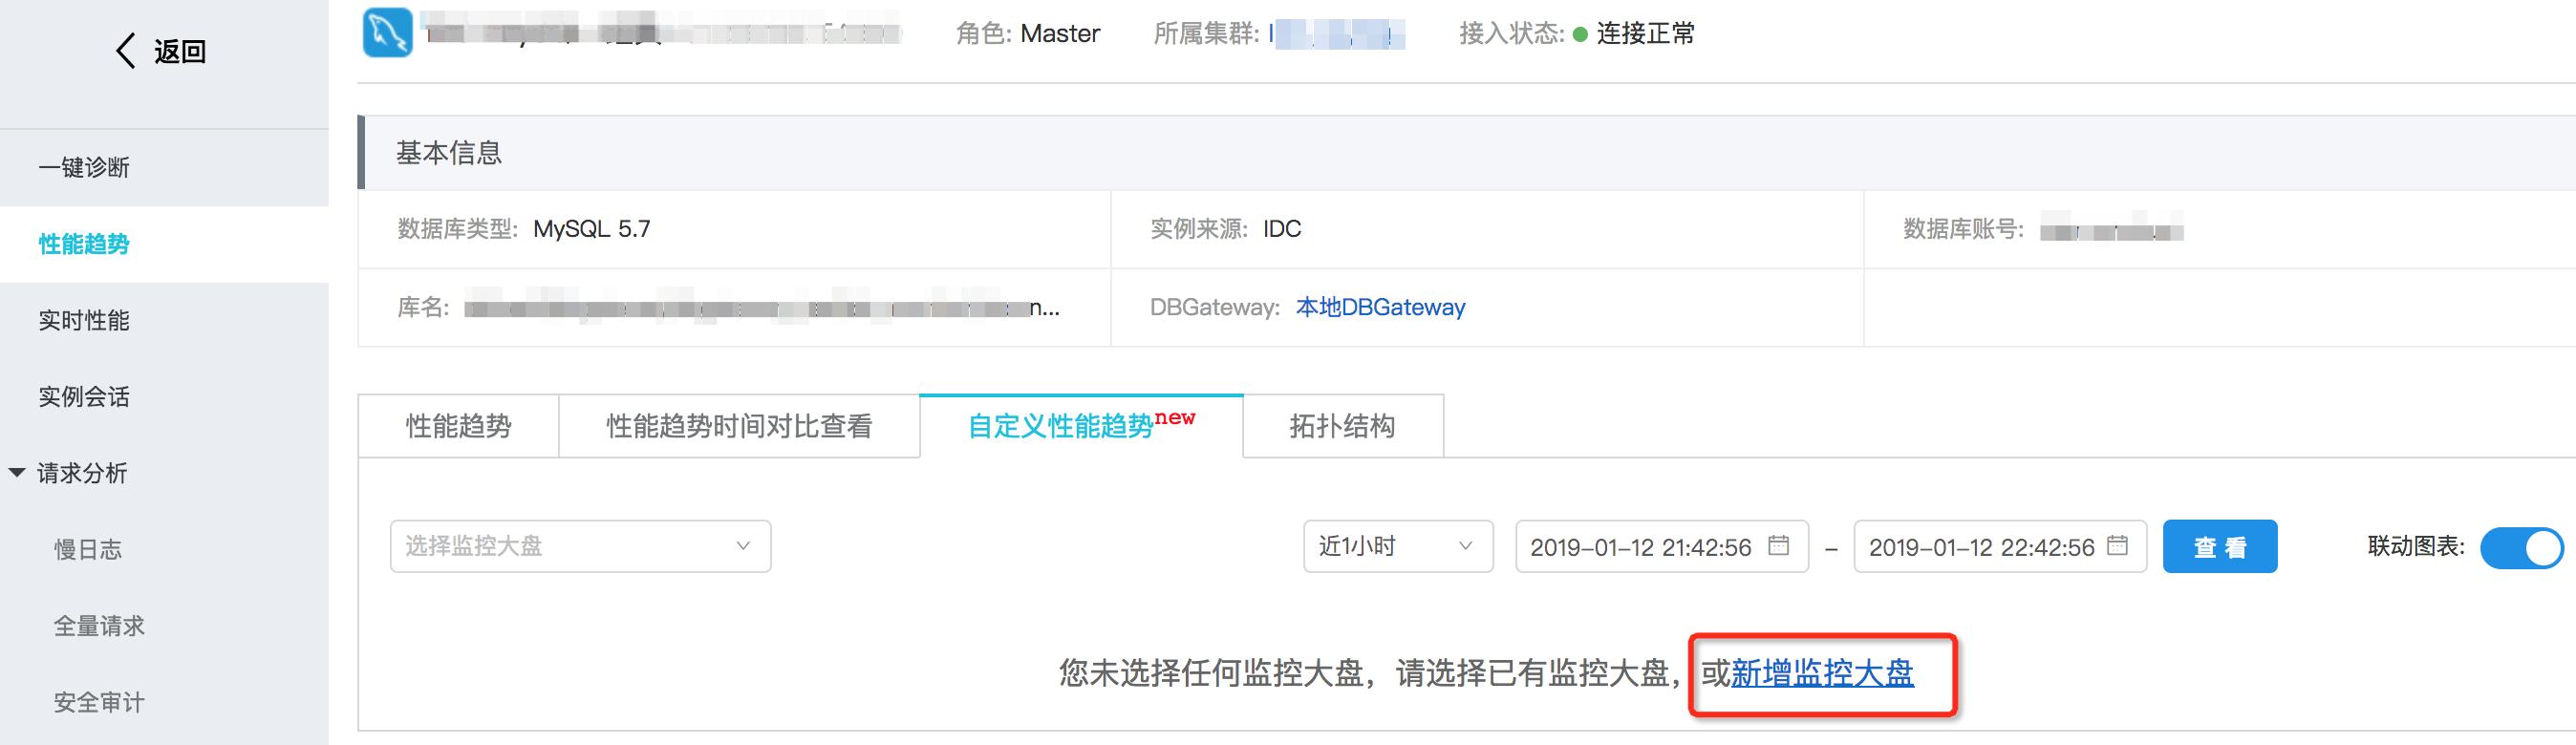 HDM_user_manual_255